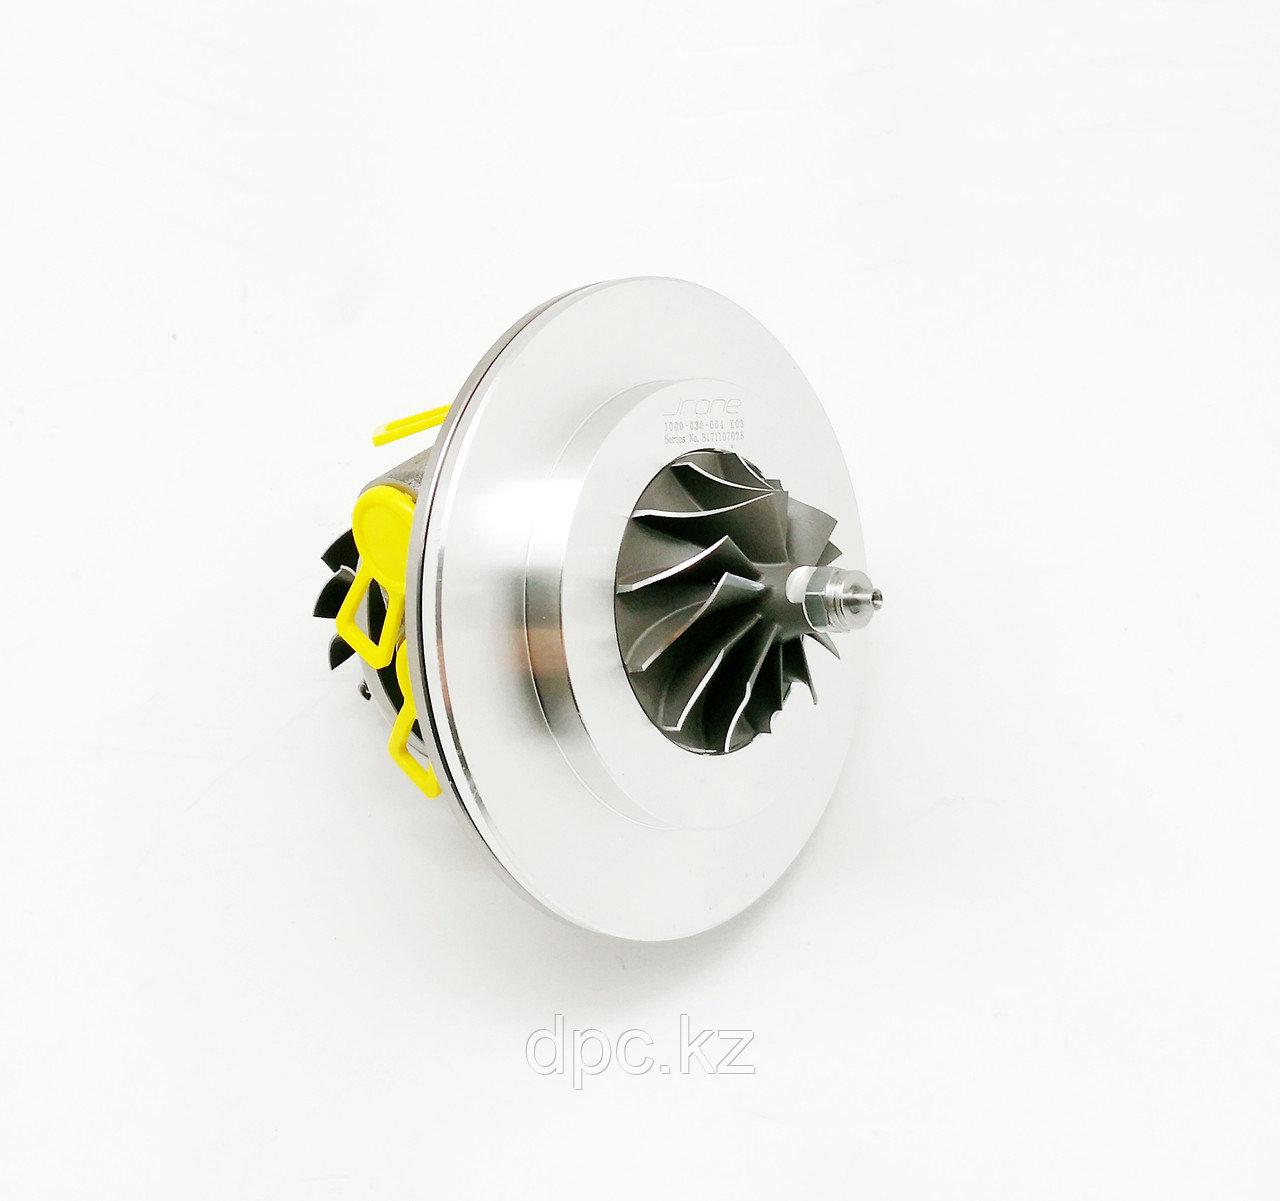 Картридж для турбины K03 /5 303-970-0029 / 058145703J / 1000-030-004